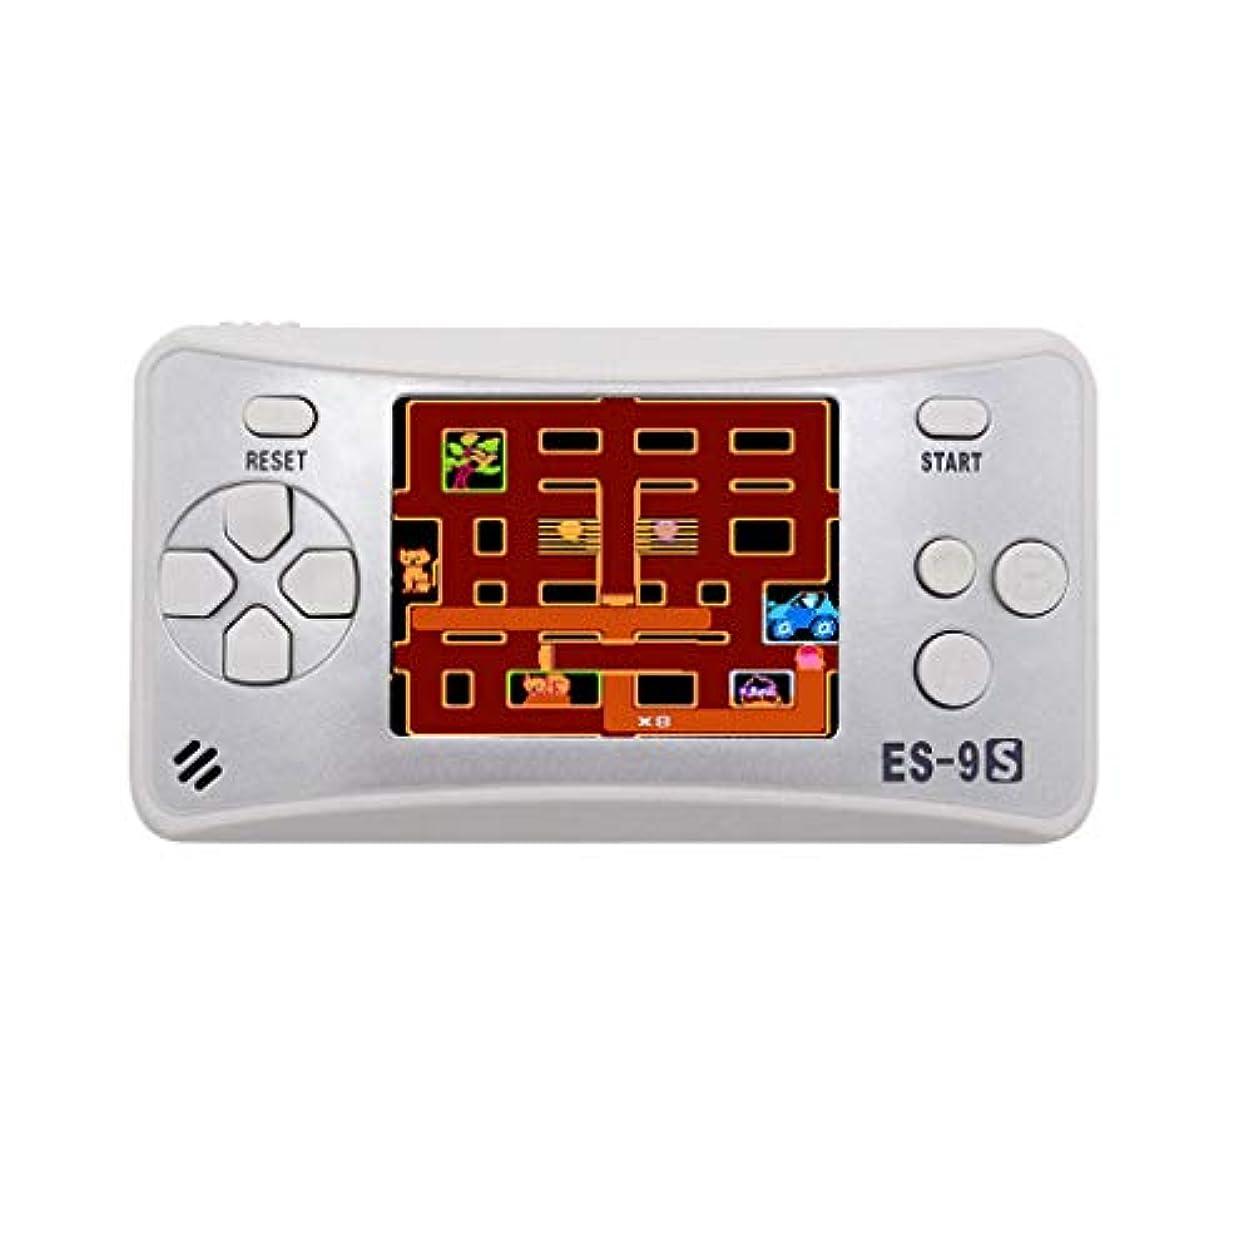 寄付するコンパニオン底携帯ゲーム機 2.5インチ アーケードゲーム ハンドヘルド ビデオ ゲーム コンソール 内蔵168クラシックゲーム ゲームプレーヤー サポートTVプレイhuajuan